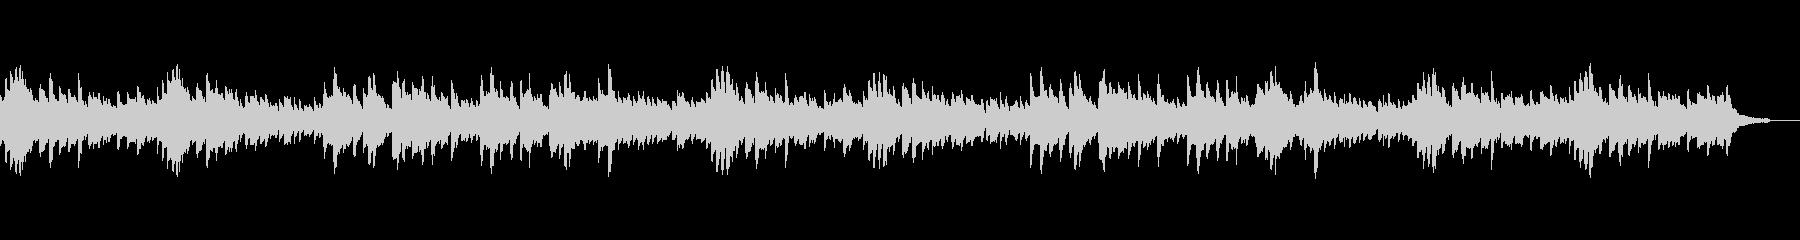 ピアノとハープの静かな優しいヒーリング曲の未再生の波形